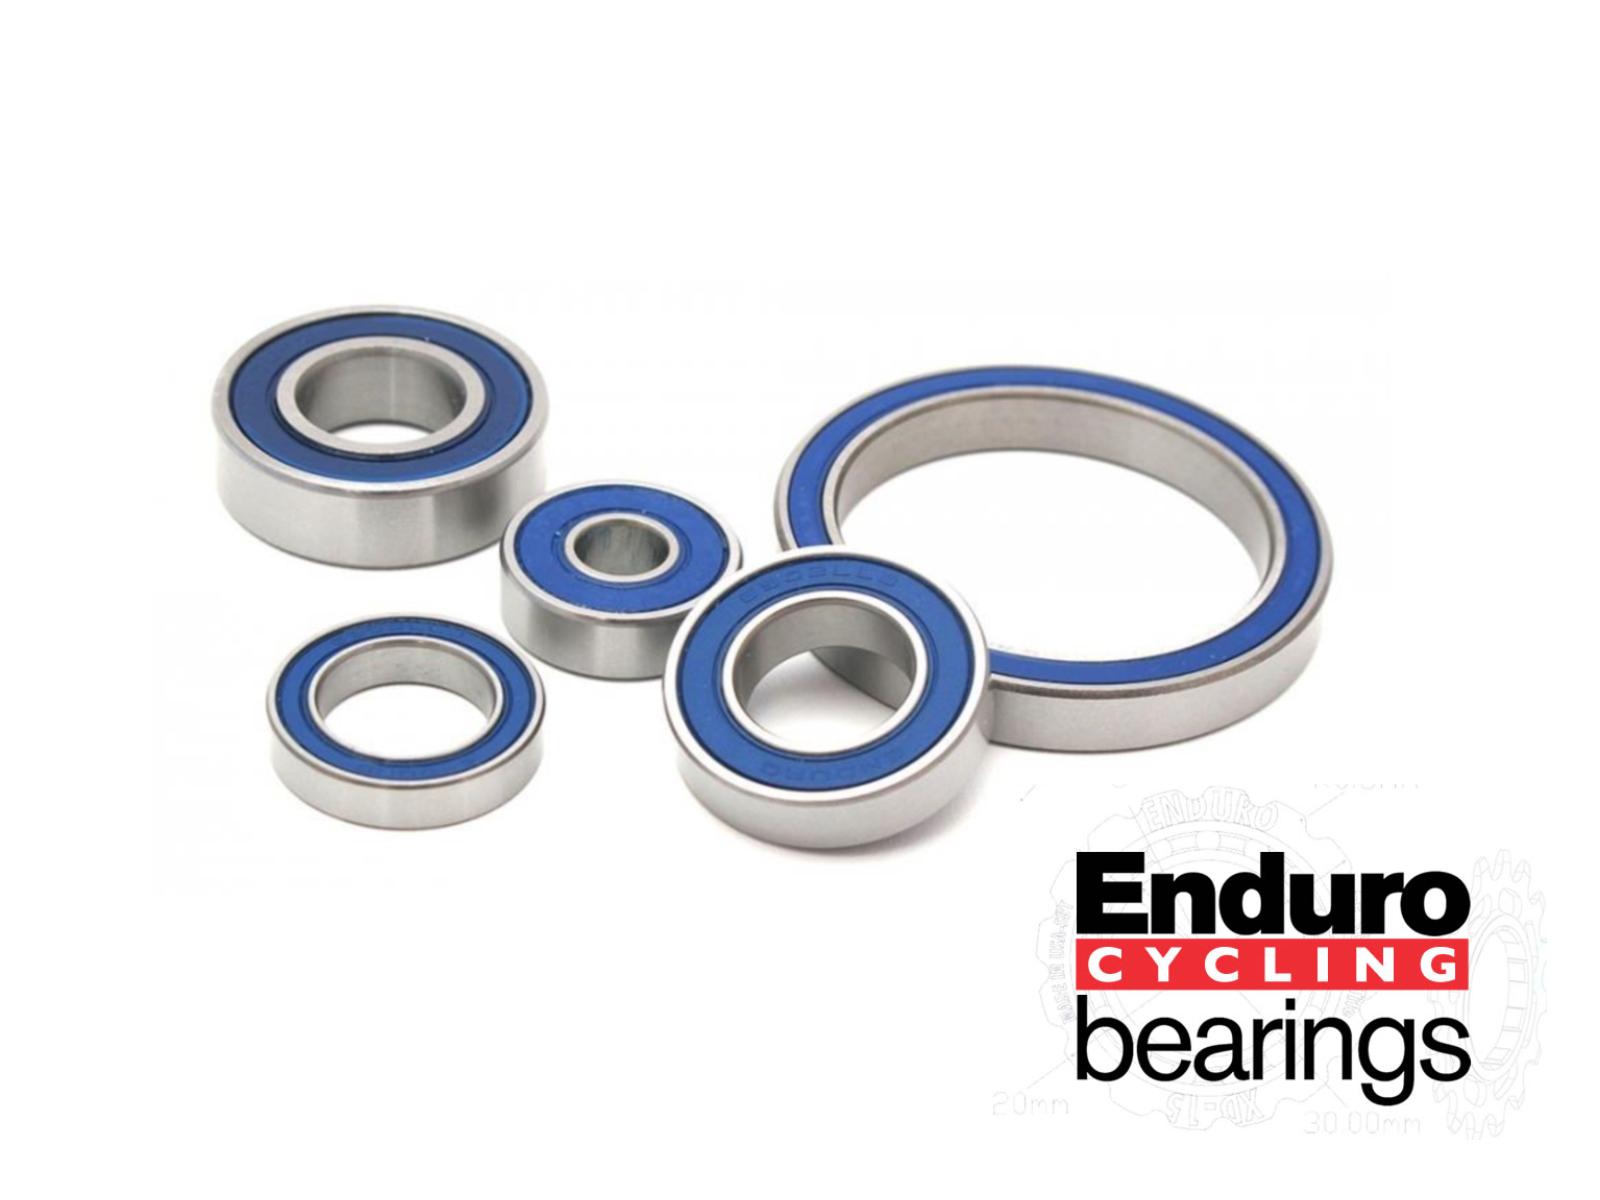 61901 LLB Enduro ABEC 5 Bearing 12 x 24 x 6 MM